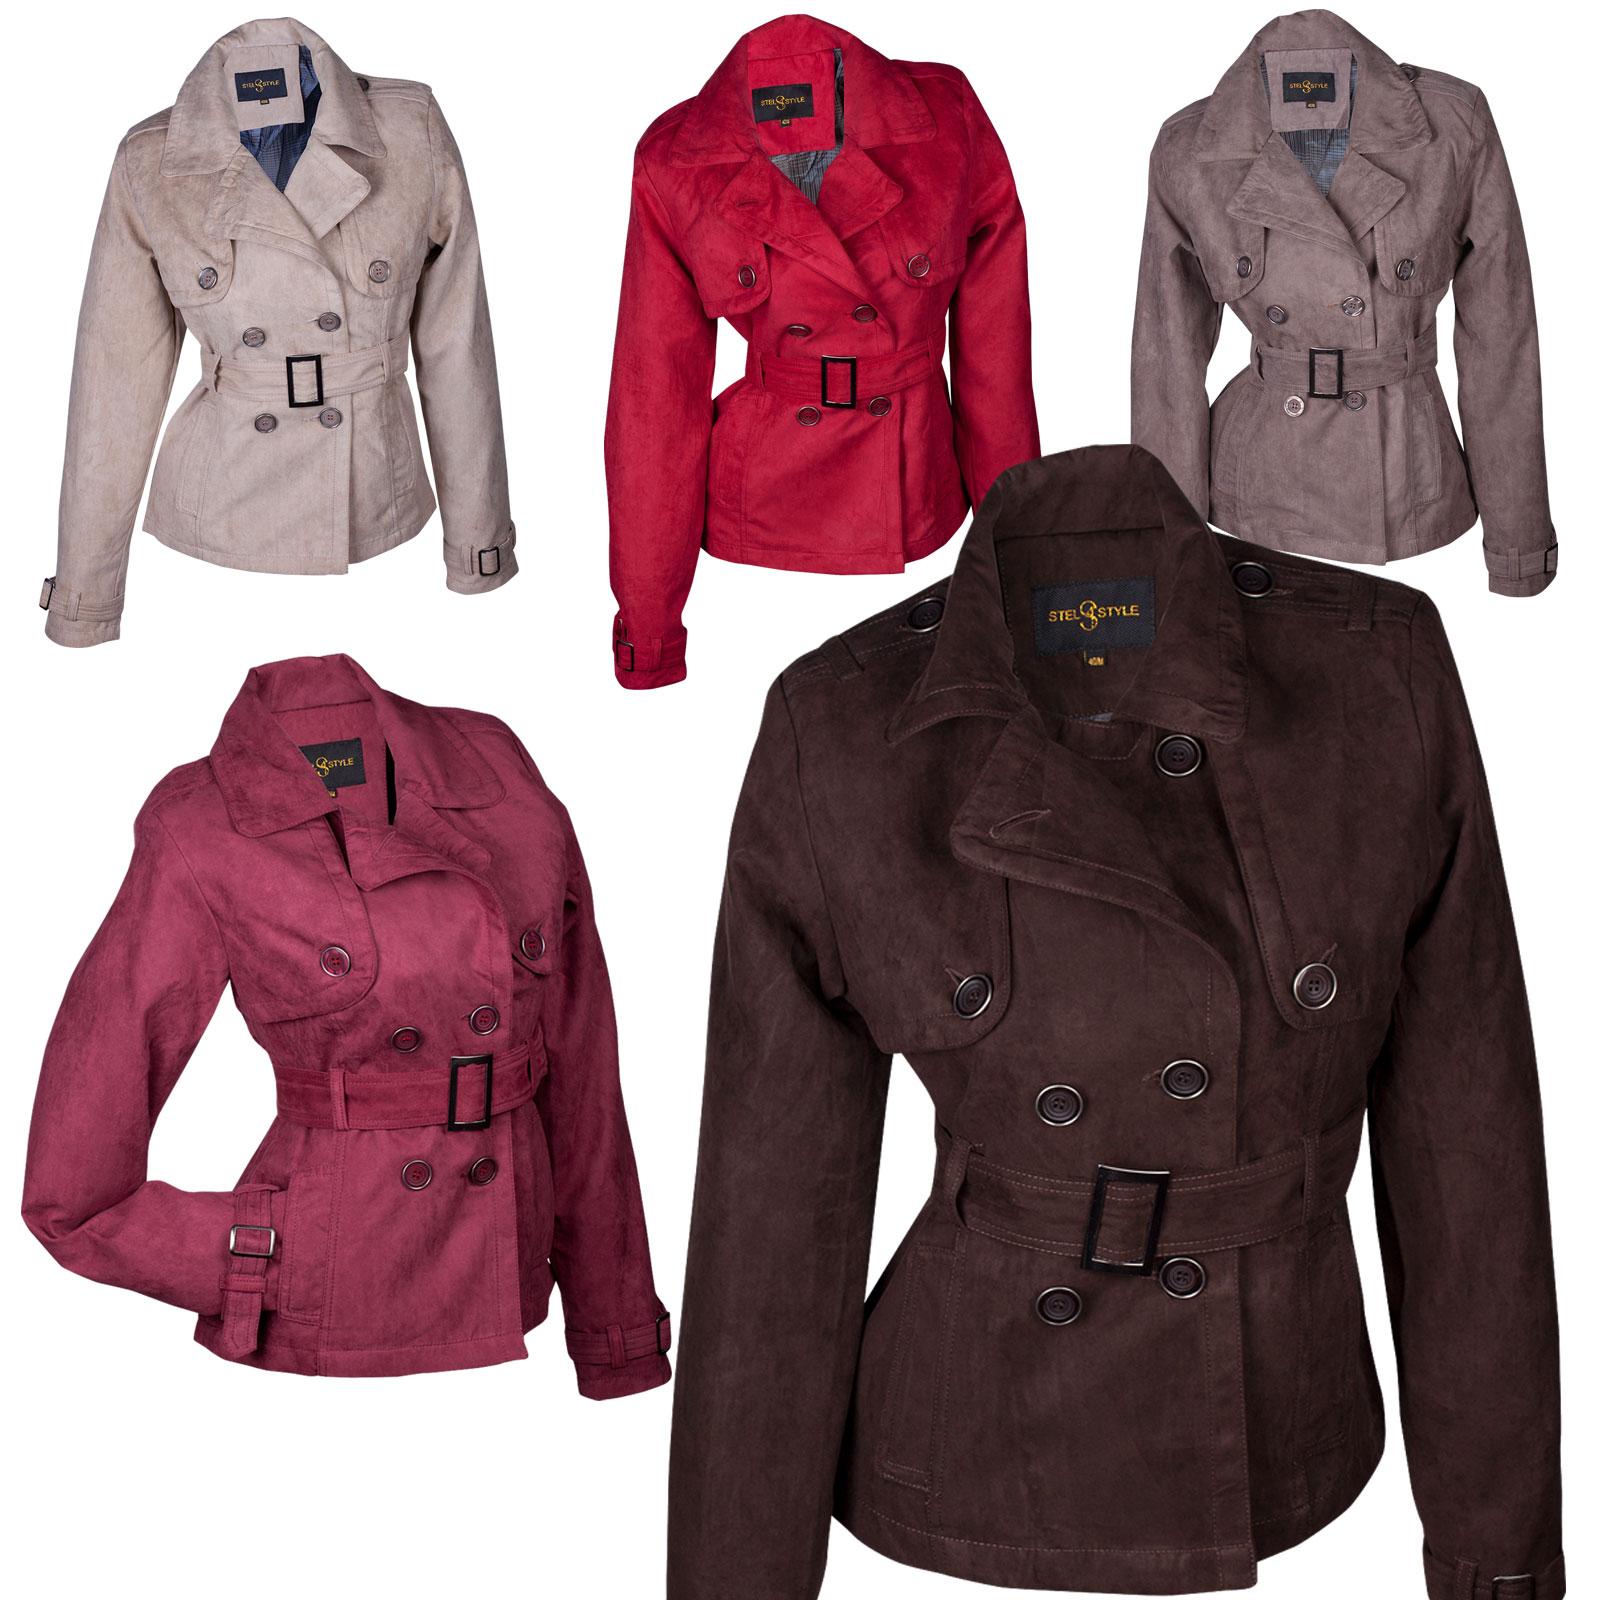 s oliver damen mantel jacke women jacket coat trench. Black Bedroom Furniture Sets. Home Design Ideas